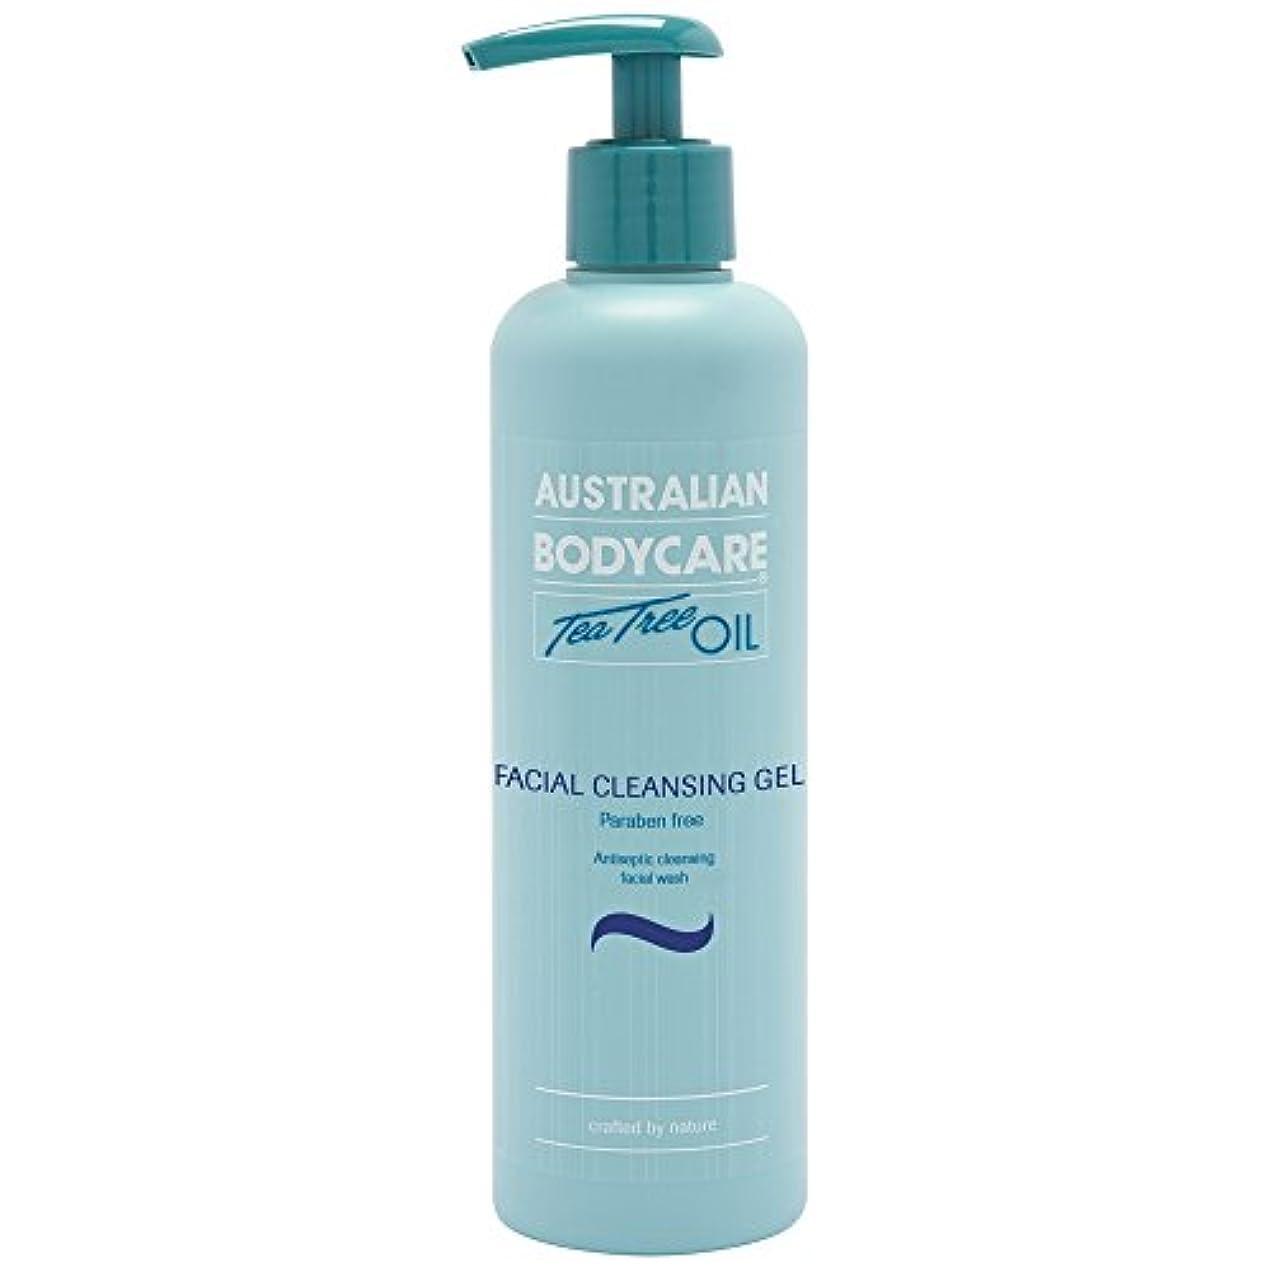 小間メイド火薬オーストラリアのボディーケアティーツリーオイル洗顔ゲル250ミリリットル (Australian Bodycare) (x2) - Australian Bodycare Tea Tree Oil Facial Cleansing...